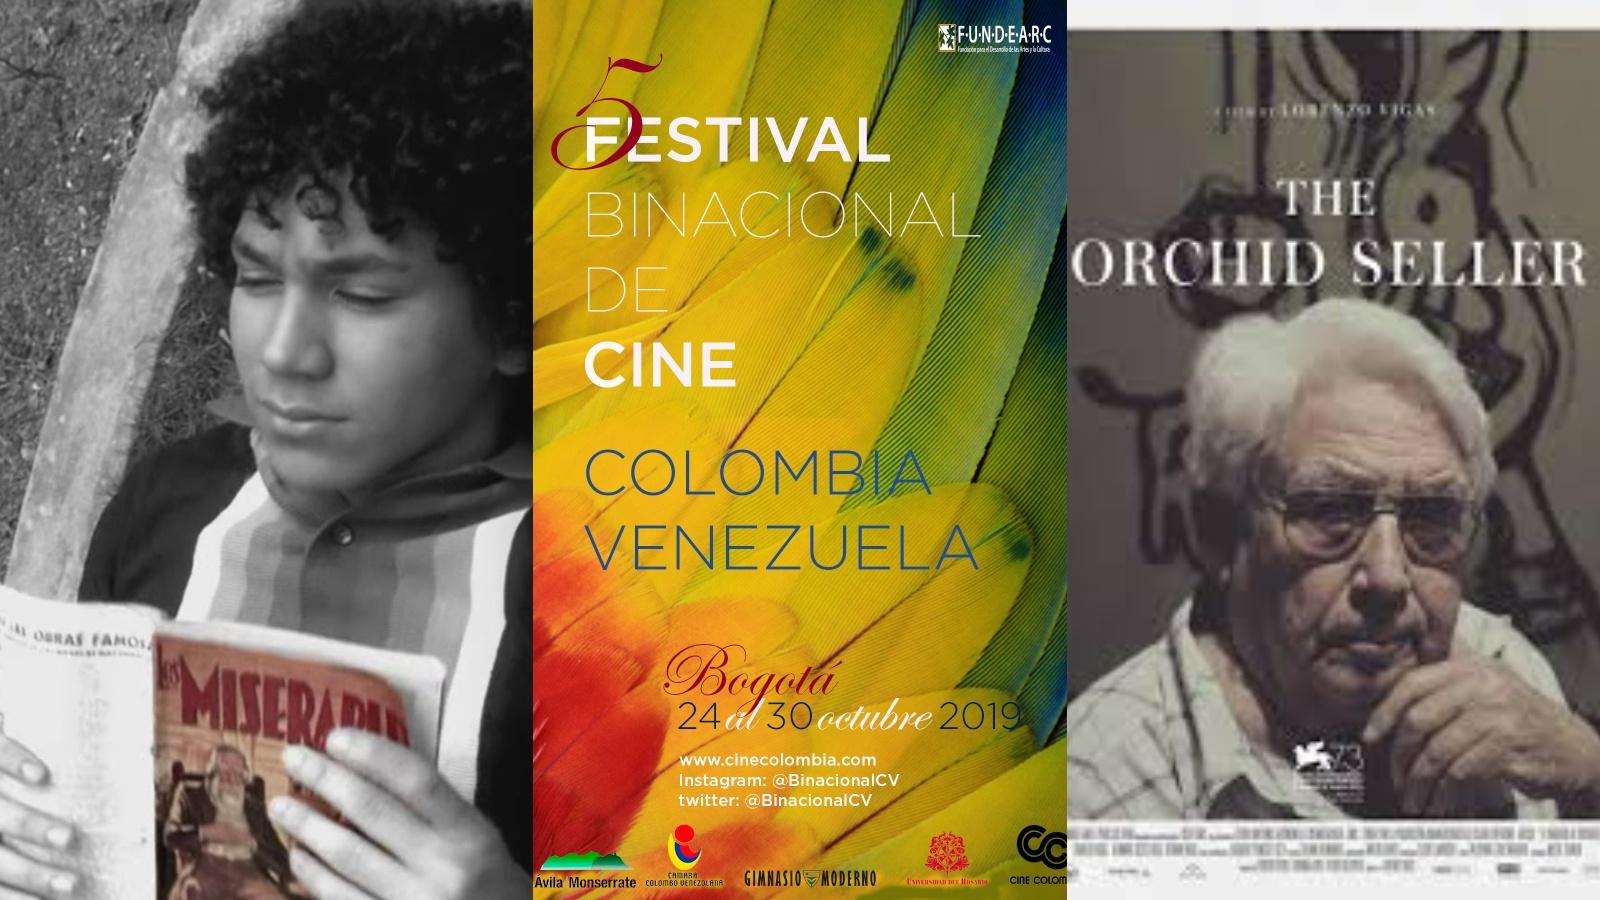 Seis películas venezolanas protagonizan el festival Binacional de cine en Bogotá